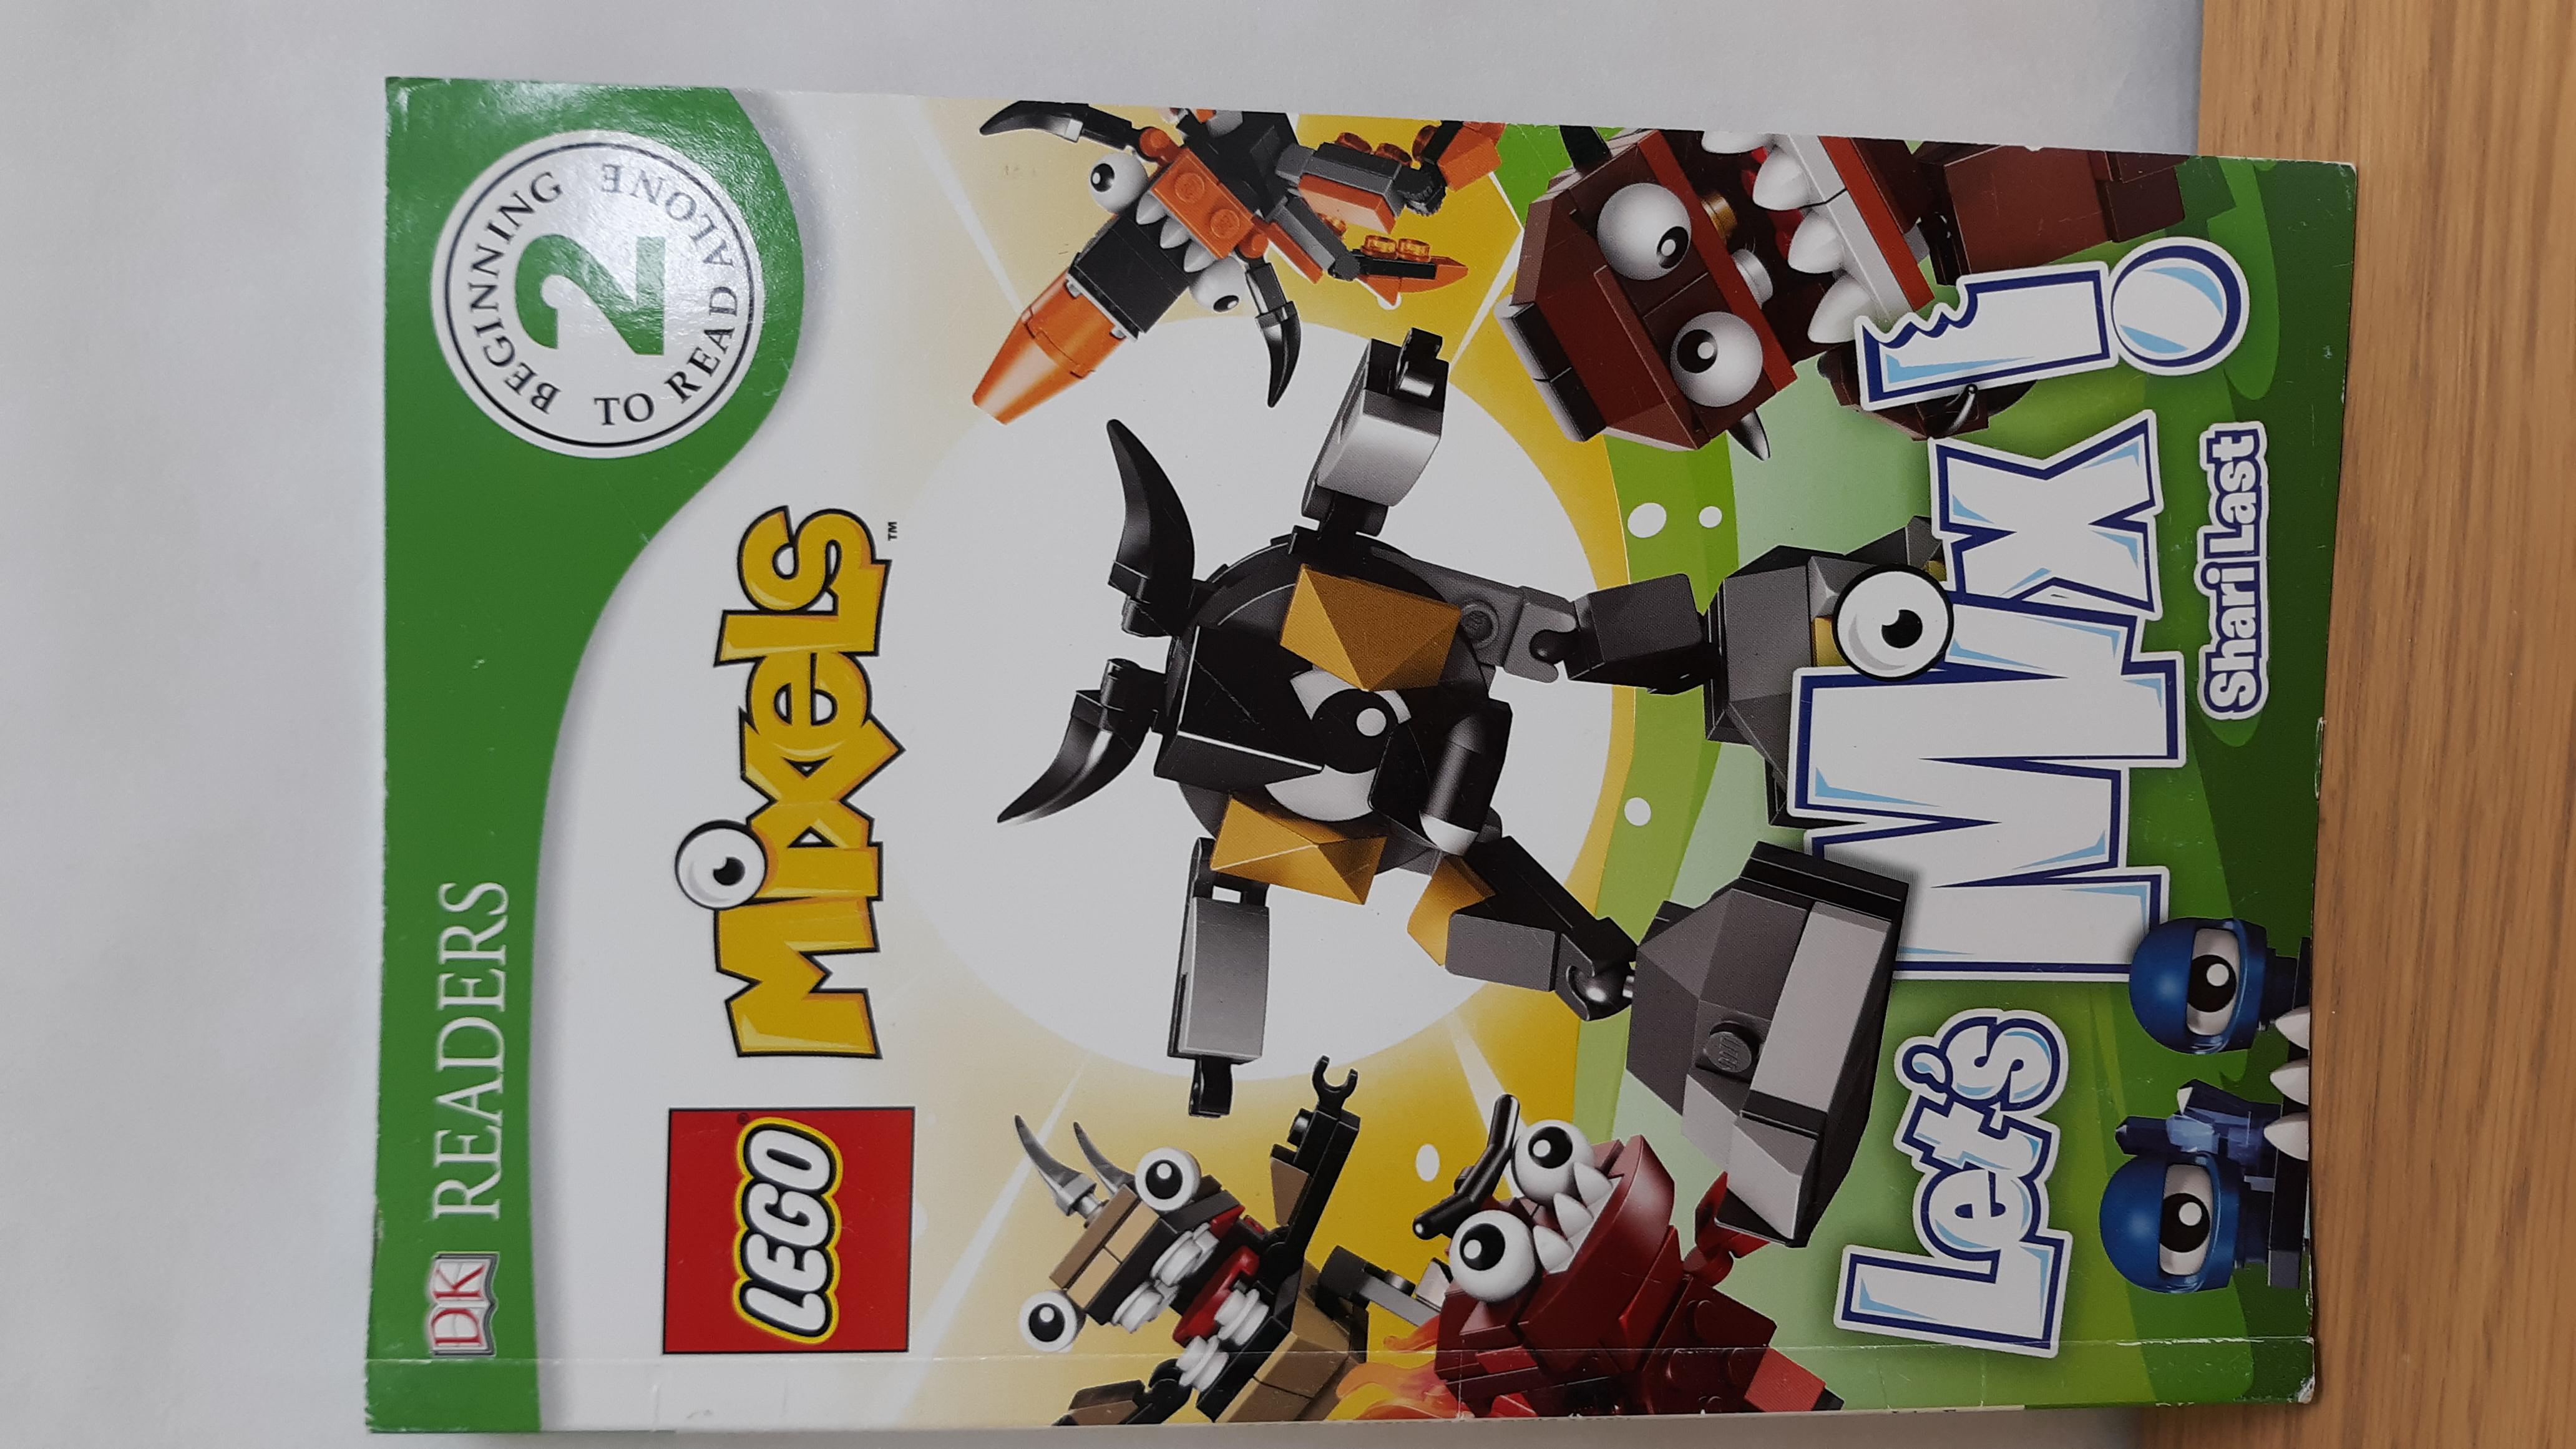 https://0201.nccdn.net/4_2/000/000/03f/ac7/lego-mixels.jpg